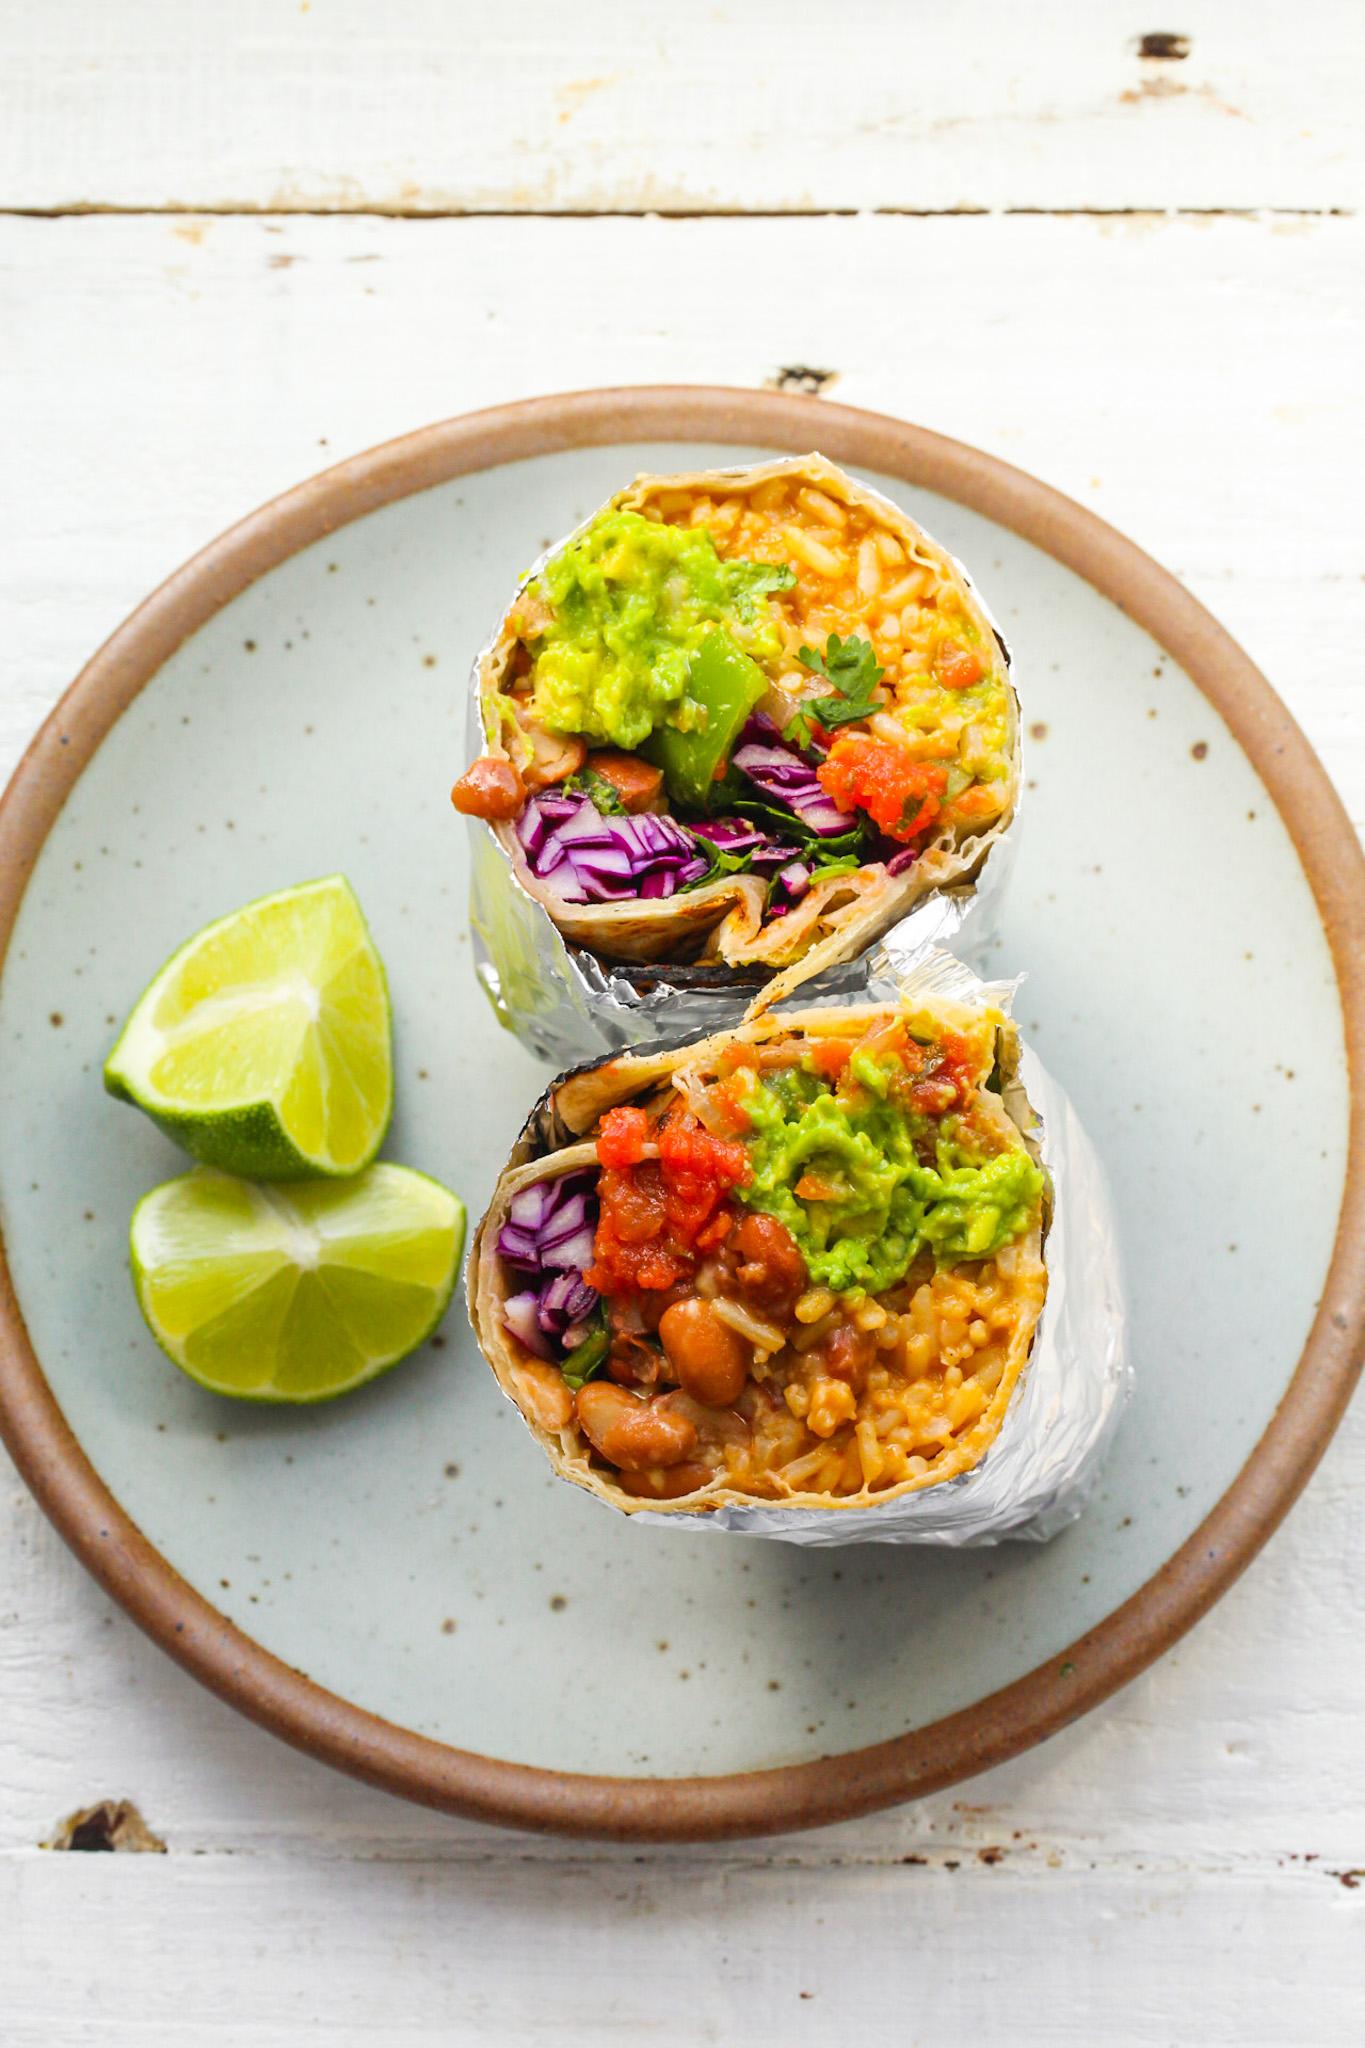 sliced burrito on plate